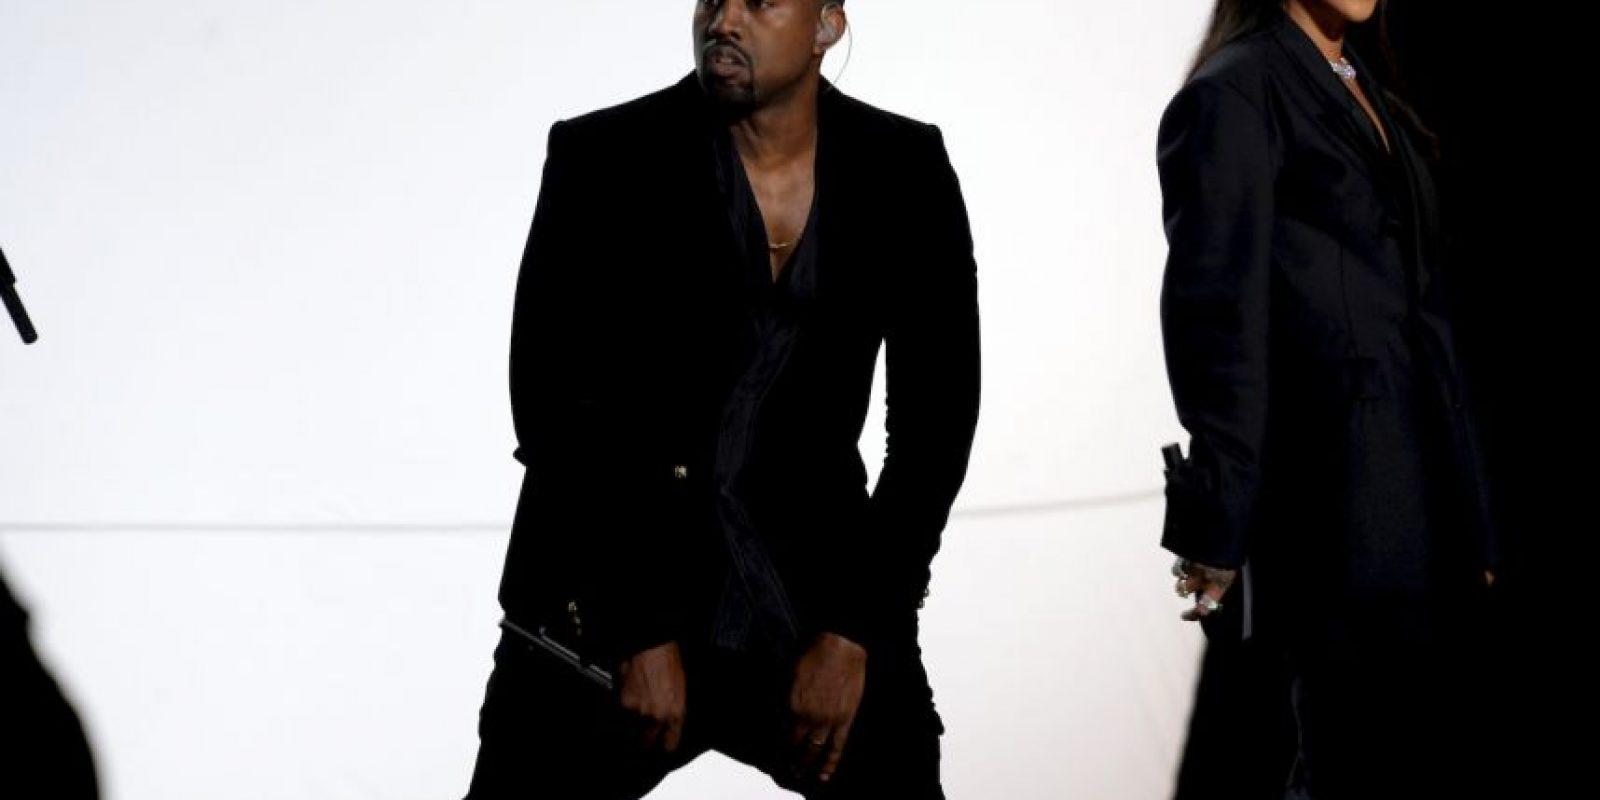 West se presentó en el escenario de la entrega de premios Foto:Getty Images